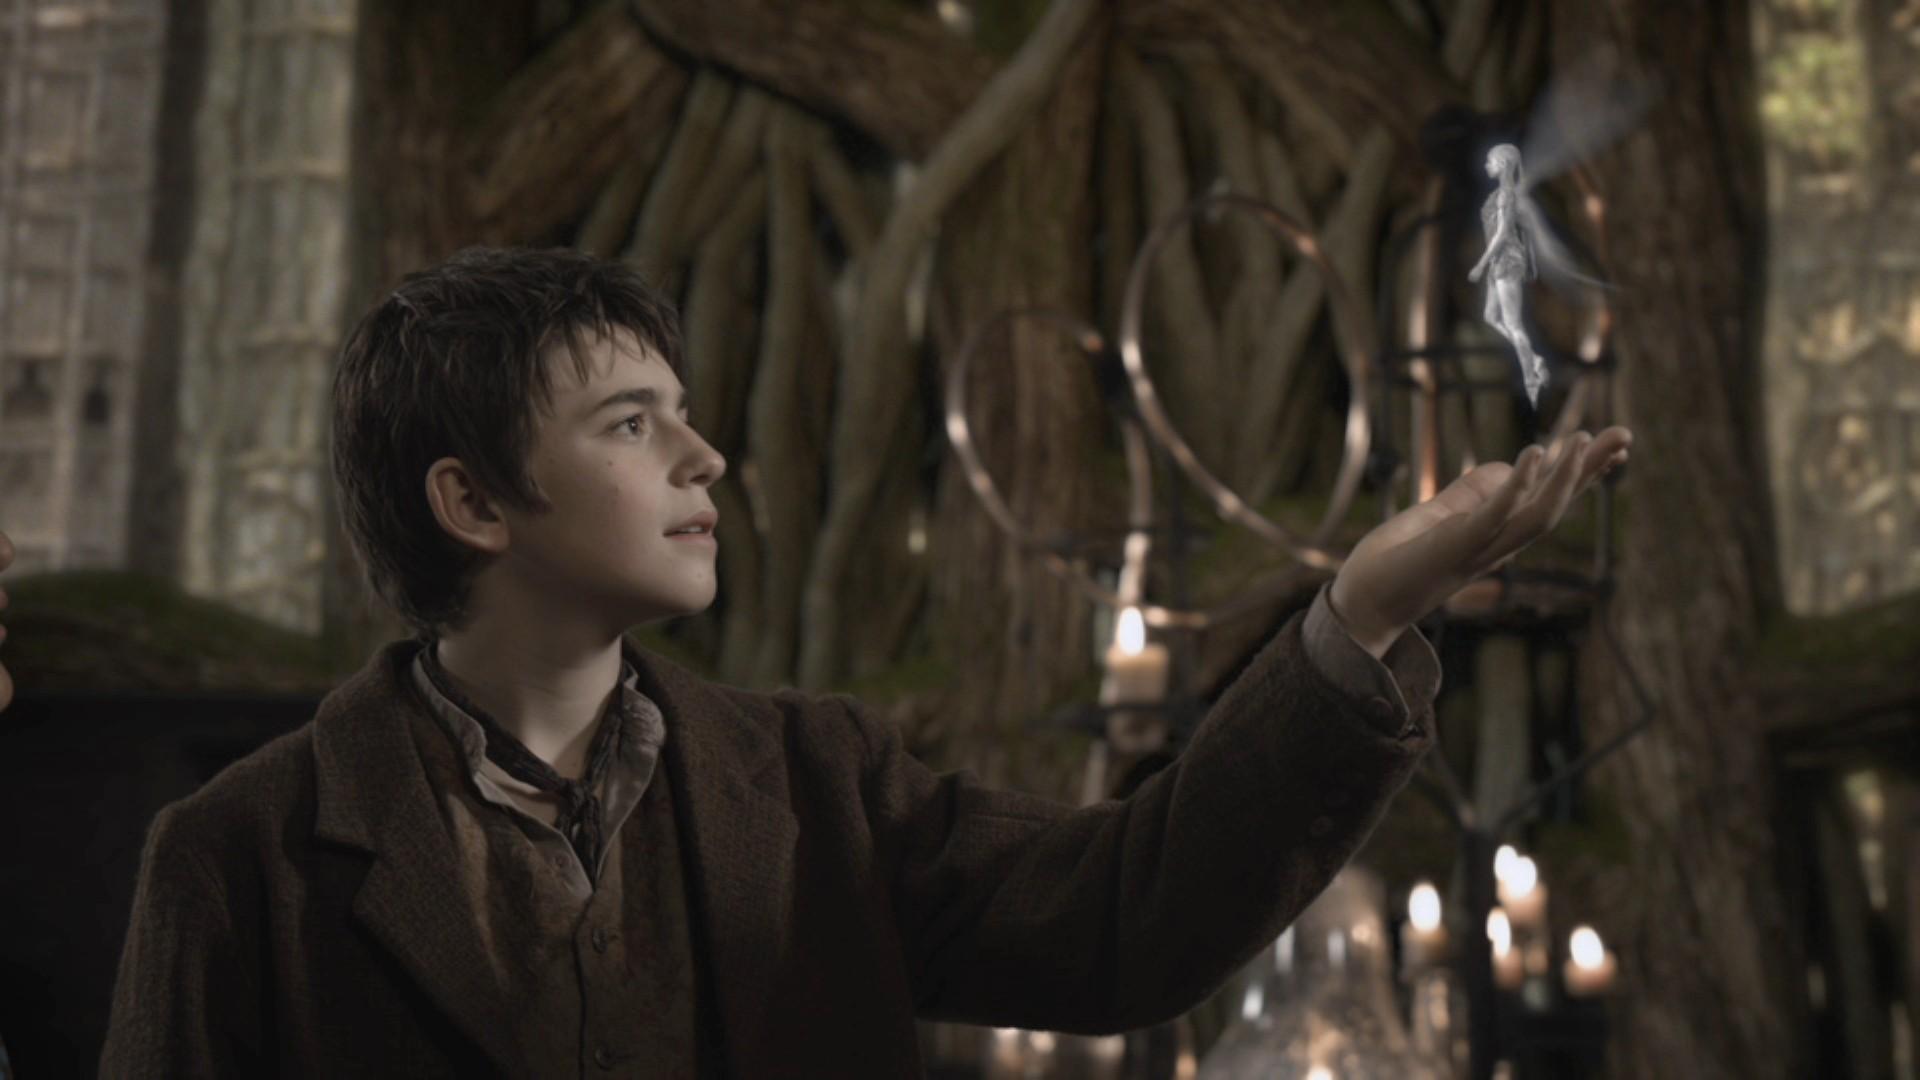 Peter e Sininho em 'Neverland' (Foto: Divulgação )